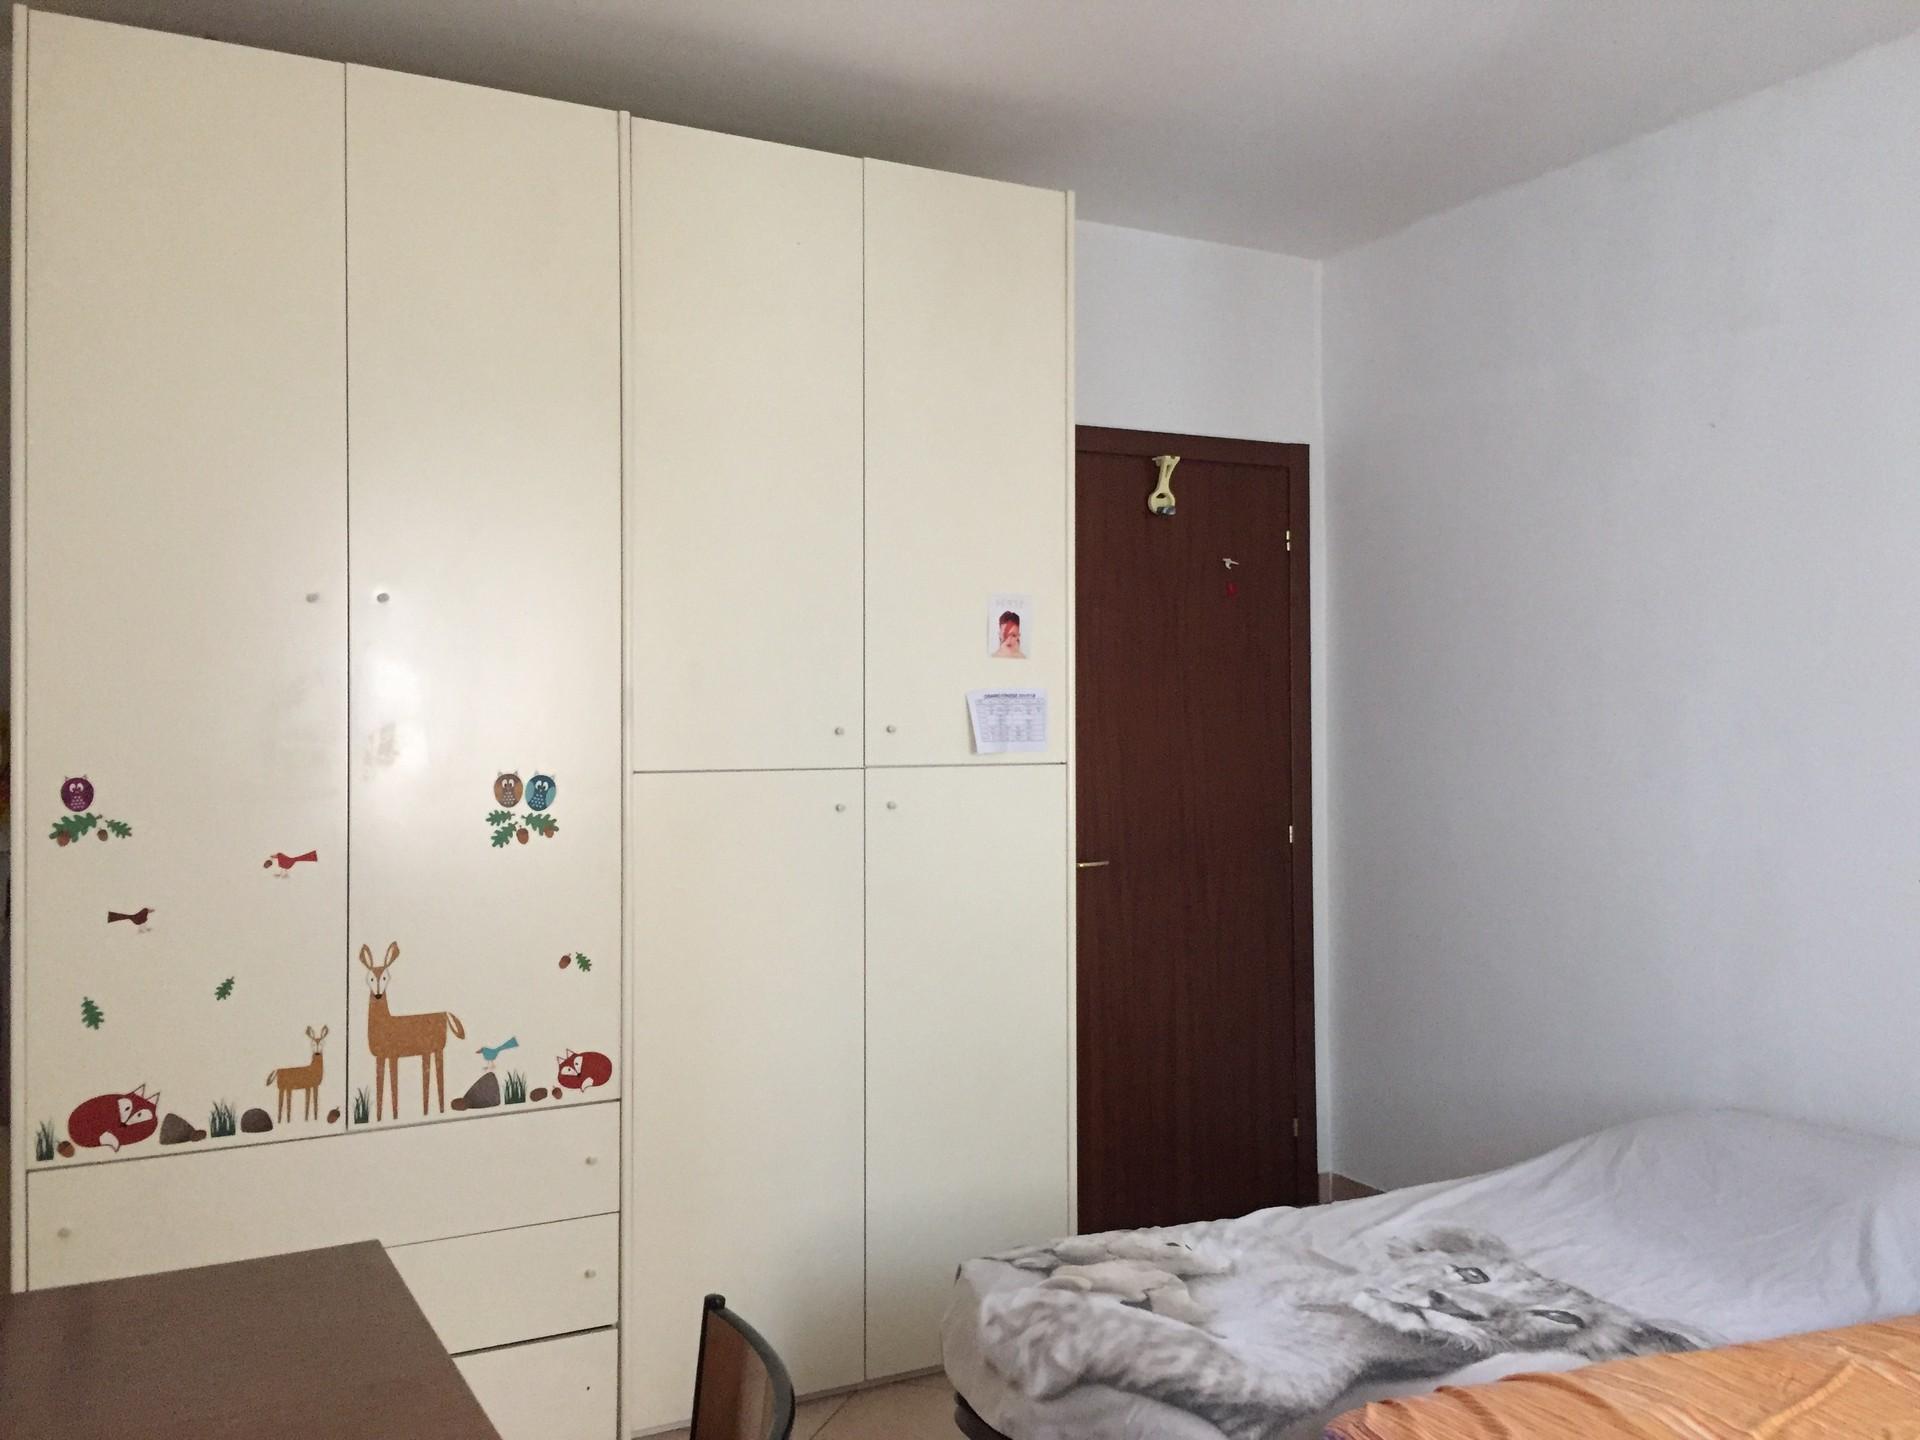 big-brigth-room-ferrara-1f313e20e1644cb1107ad518872d9956